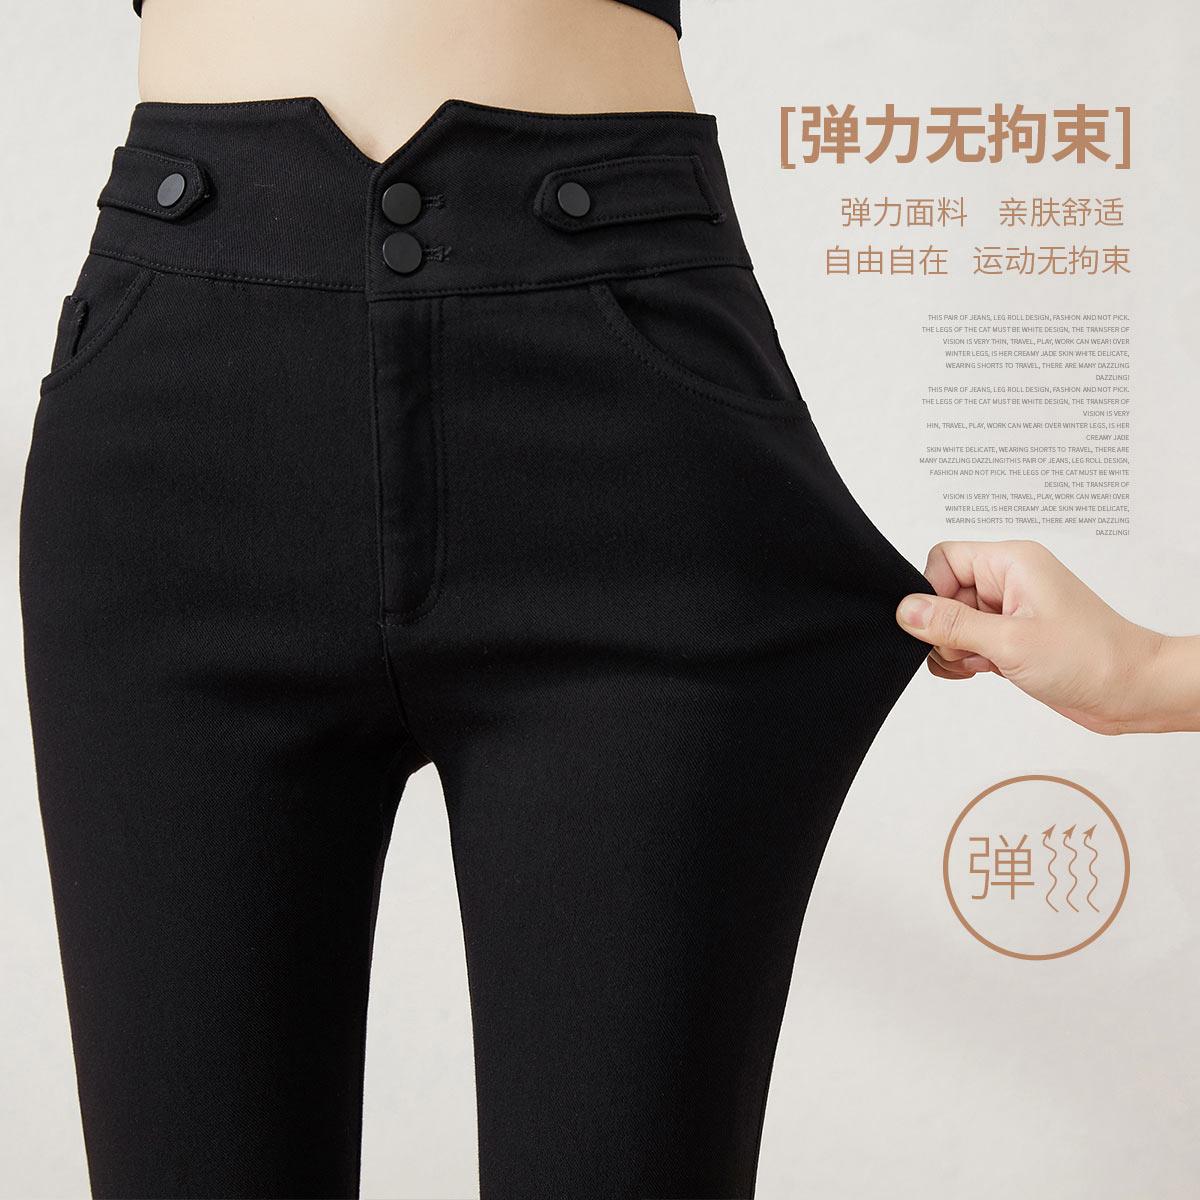 【2020冬新品】高腰加绒休闲裤女外穿显瘦黑色打底裤女裤子女